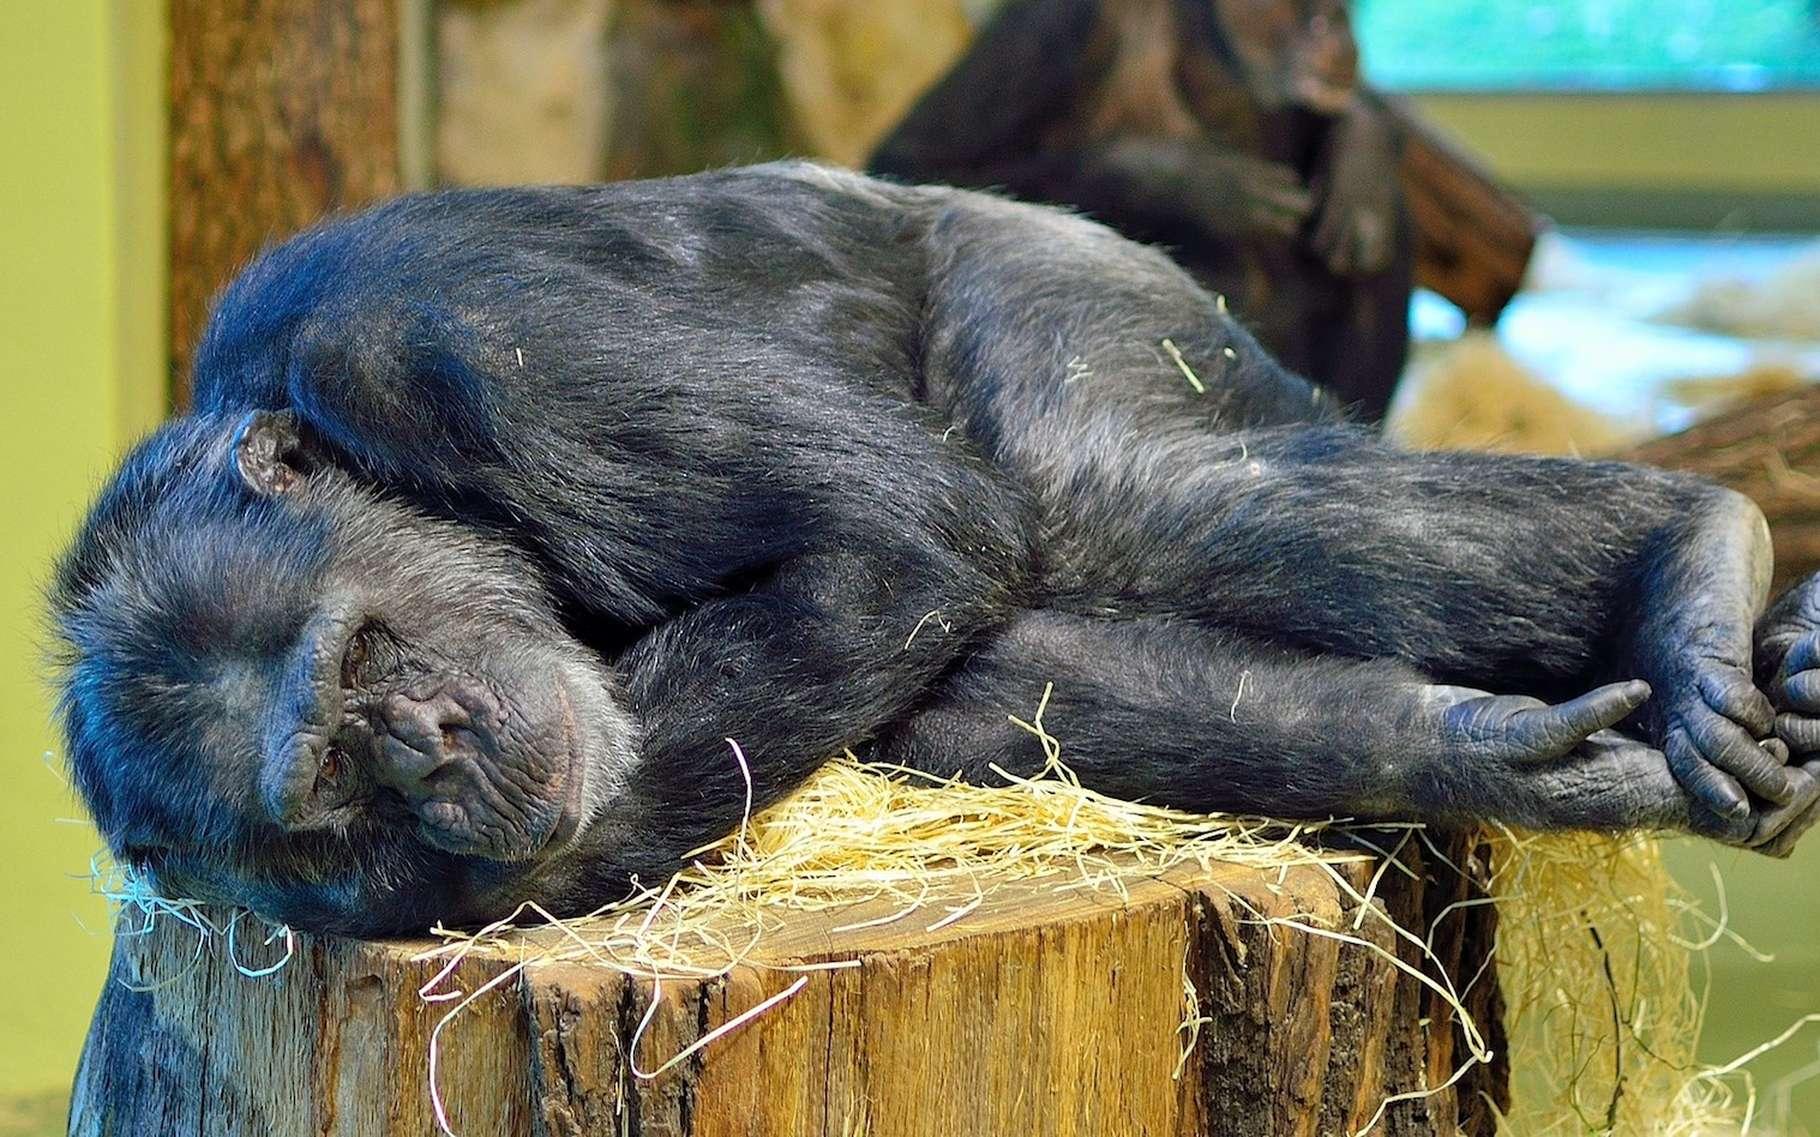 Les grands singes sont, avec l'homme, les seuls primates à faire leur lit. © Pictureman2014, Pixabay, CC0 Public Domain